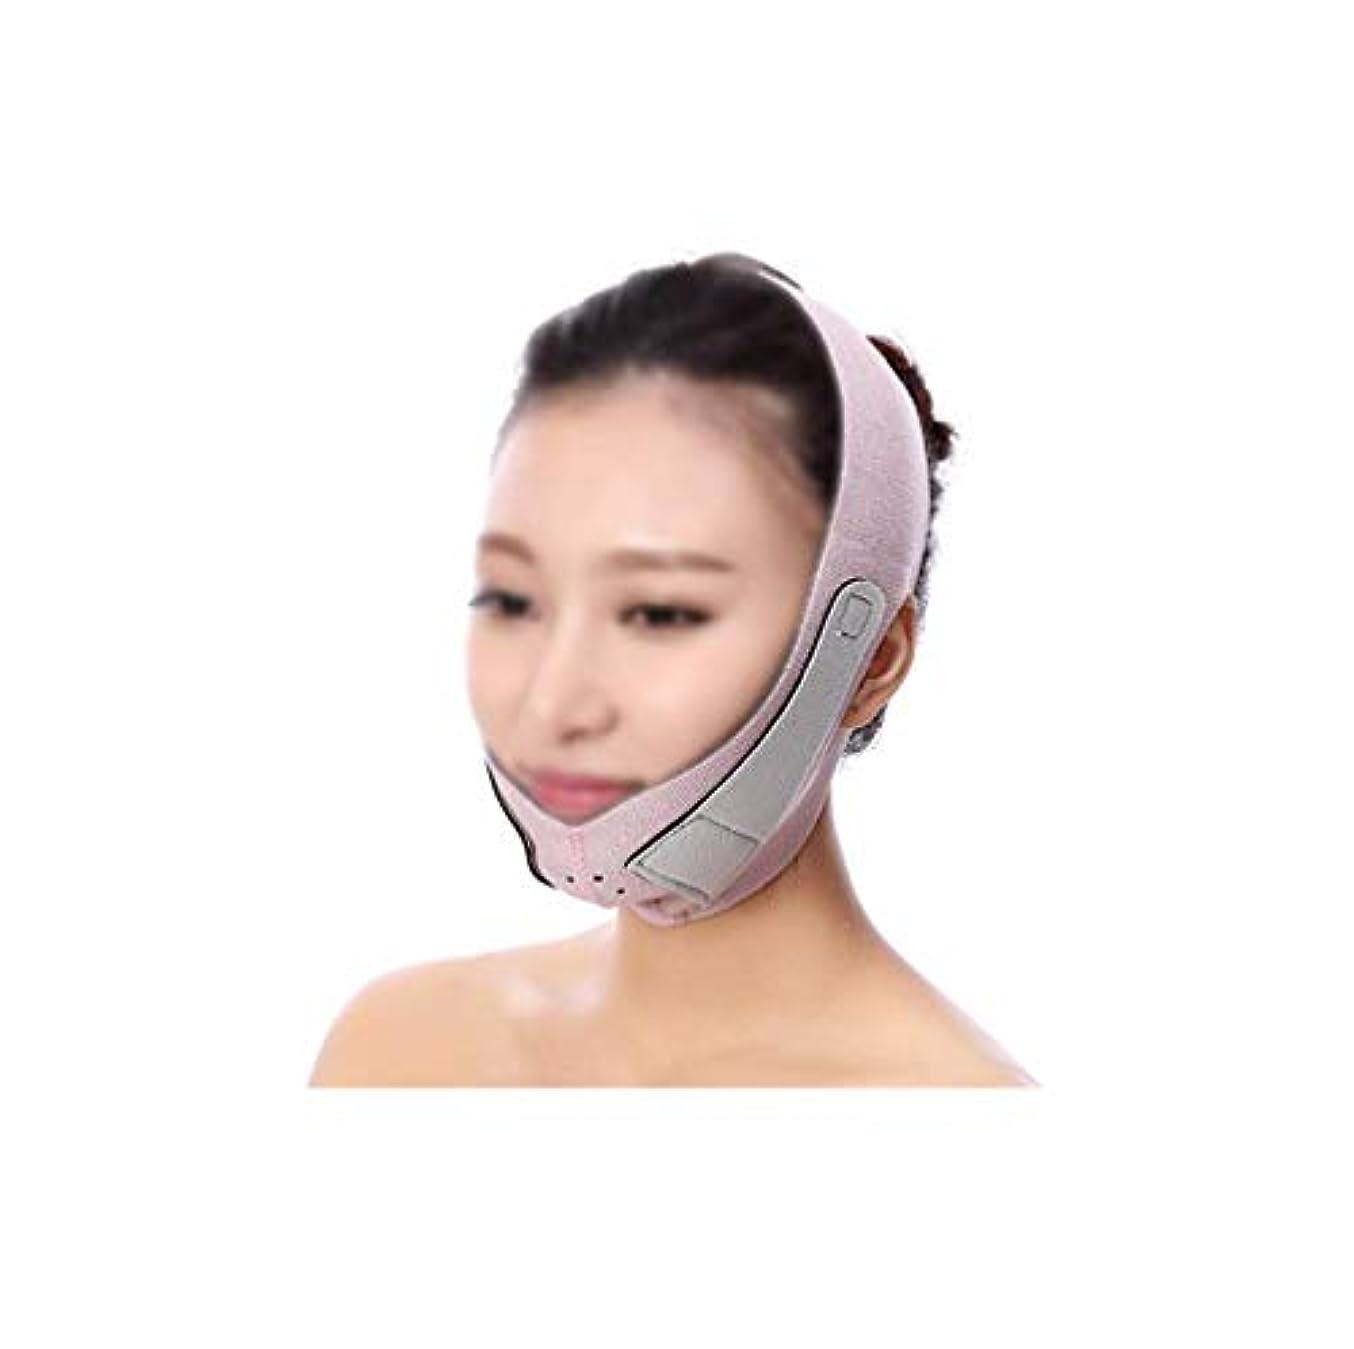 私ソロナインへフェイスリフトマスク、顎ストラップ回復包帯小V顔薄い顔アーティファクト睡眠強力なマスクフェイスリフティング包帯フェイシャルリフティングダブルチンリフティングファーミング